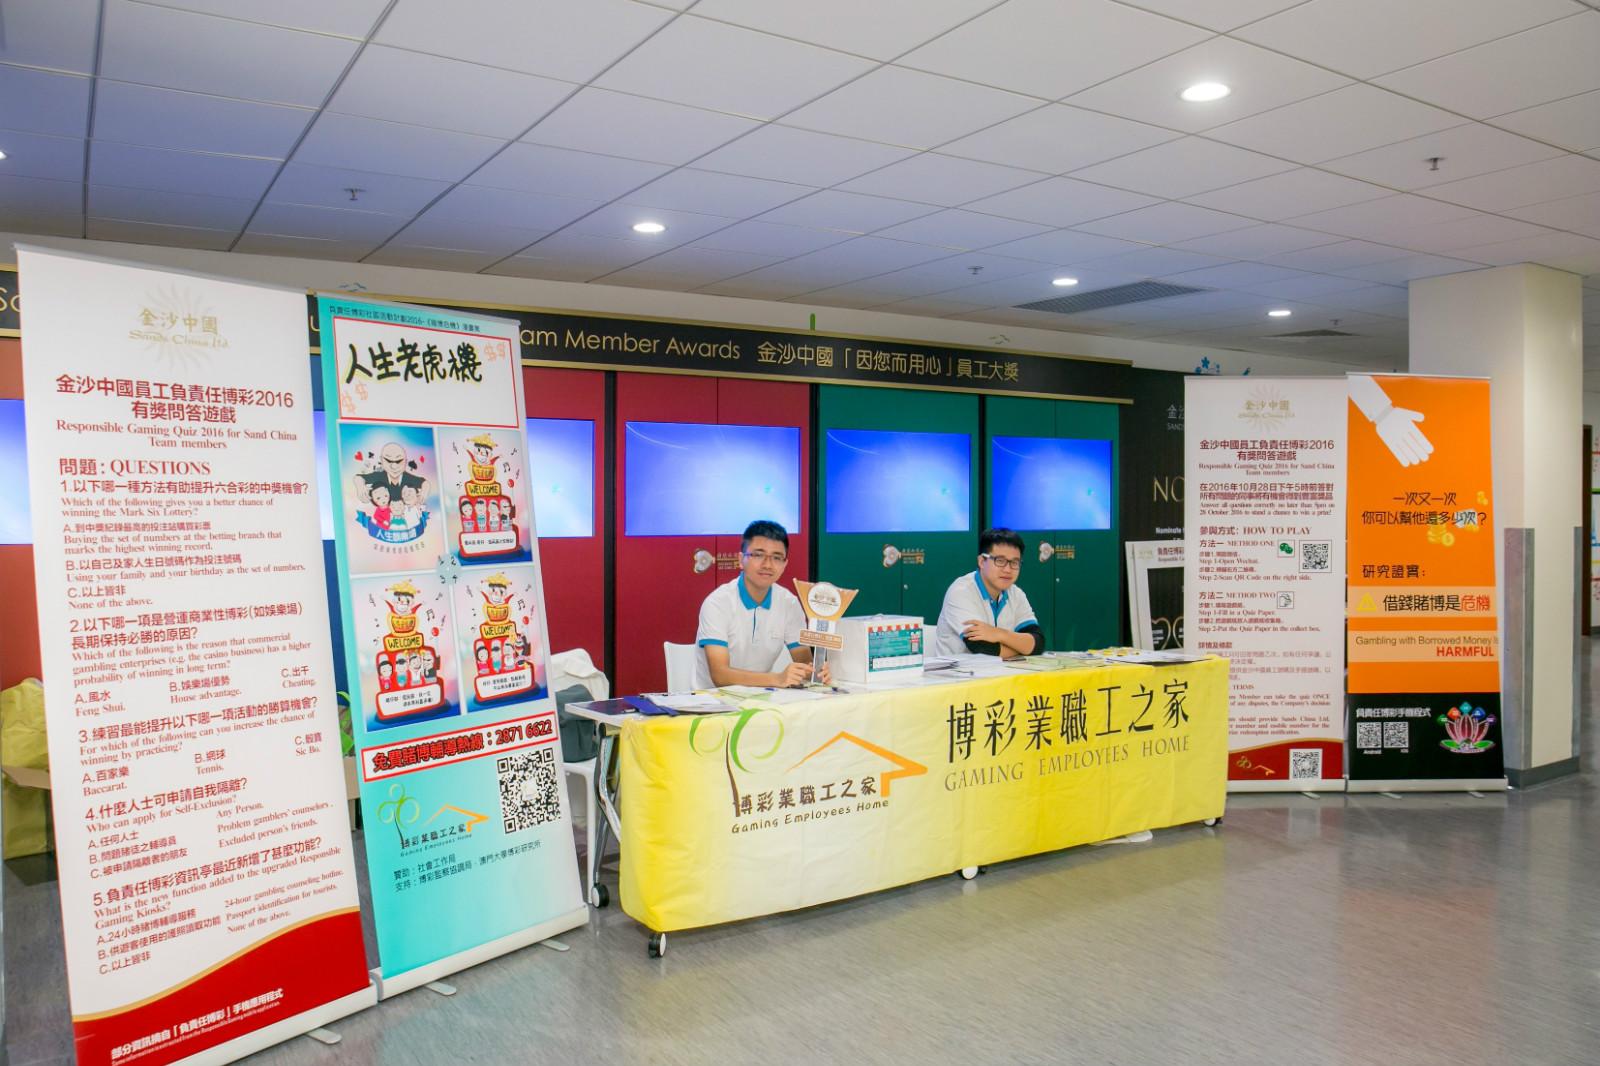 金沙中国积极参与负责任博彩推广